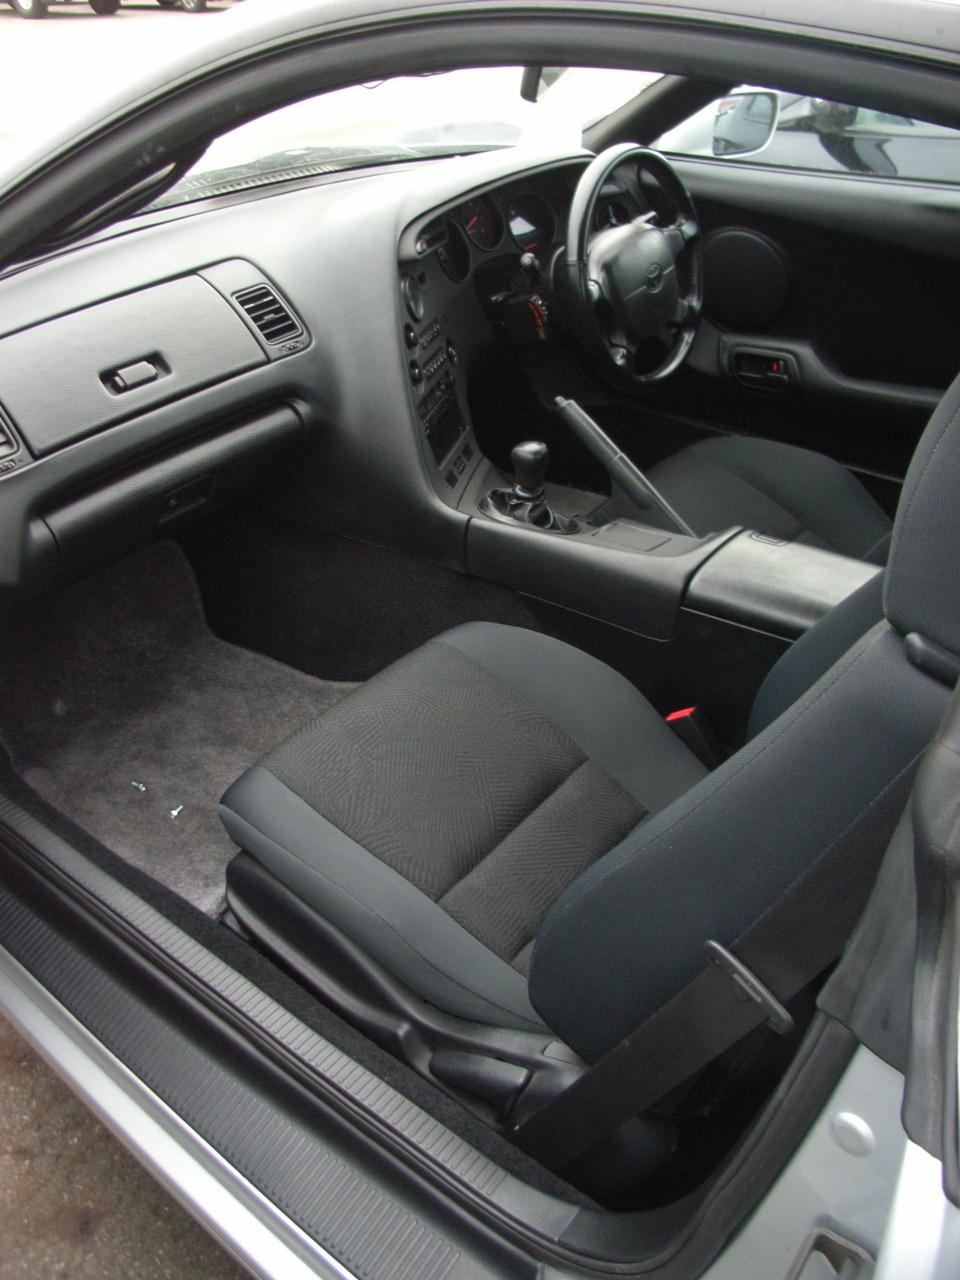 1995 Toyota Supra RZ-S 3L twin turbo interior